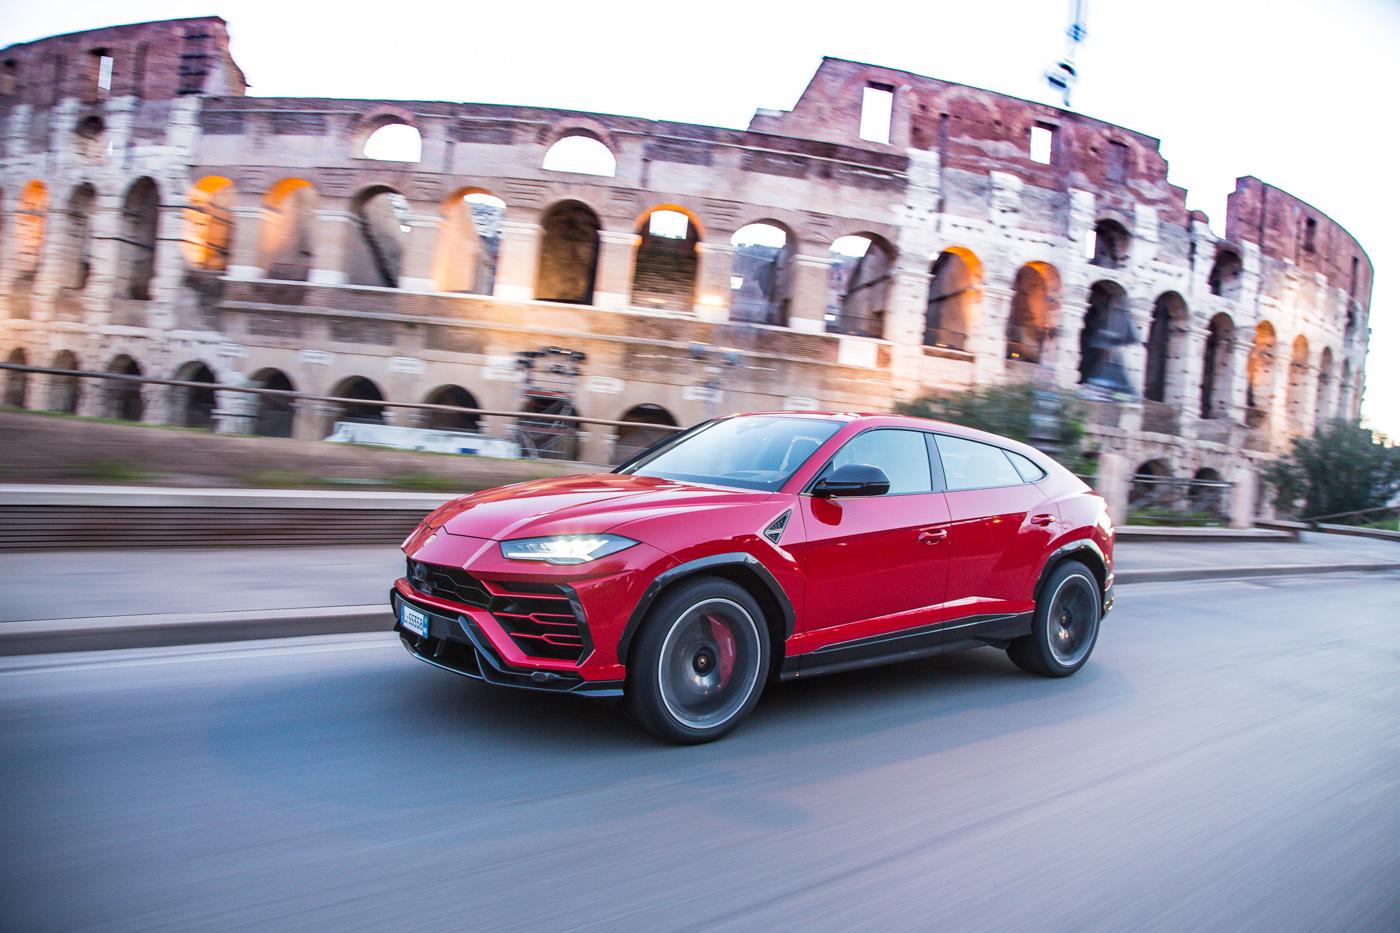 Chế-độ-lái-của-Lamborghini-Urus-5.jpg